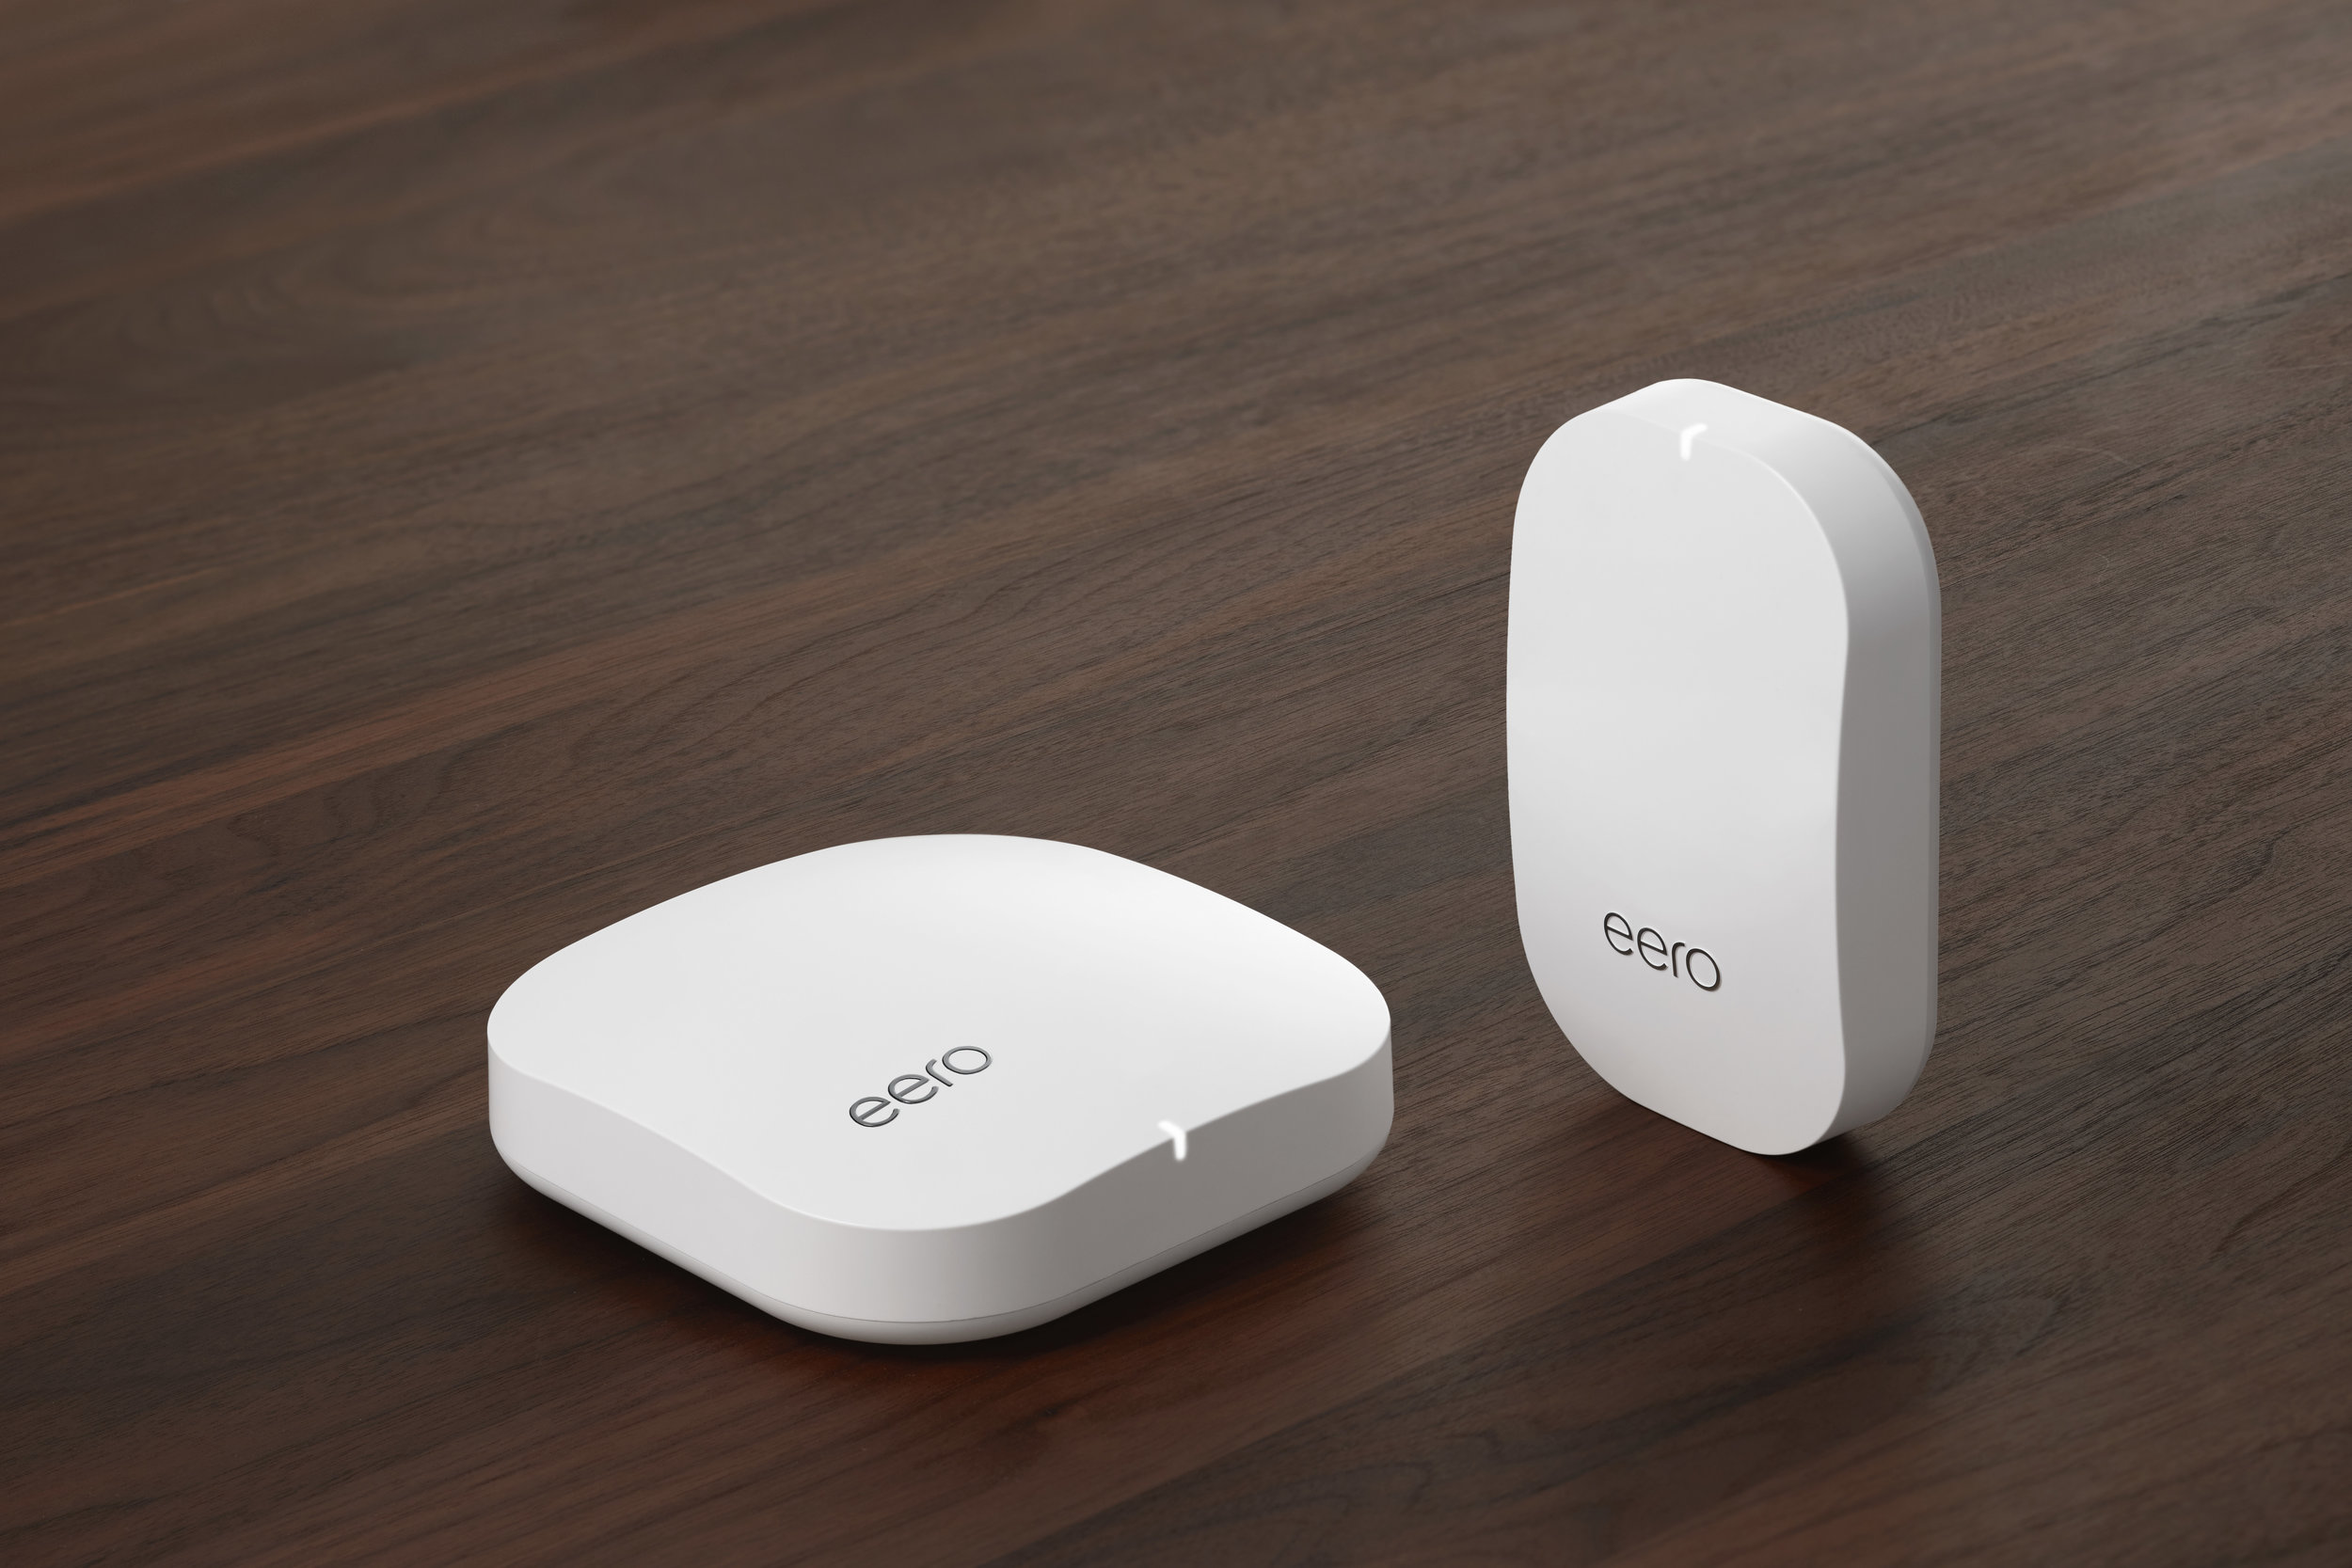 Eero Gen 2 + Eero Beacon